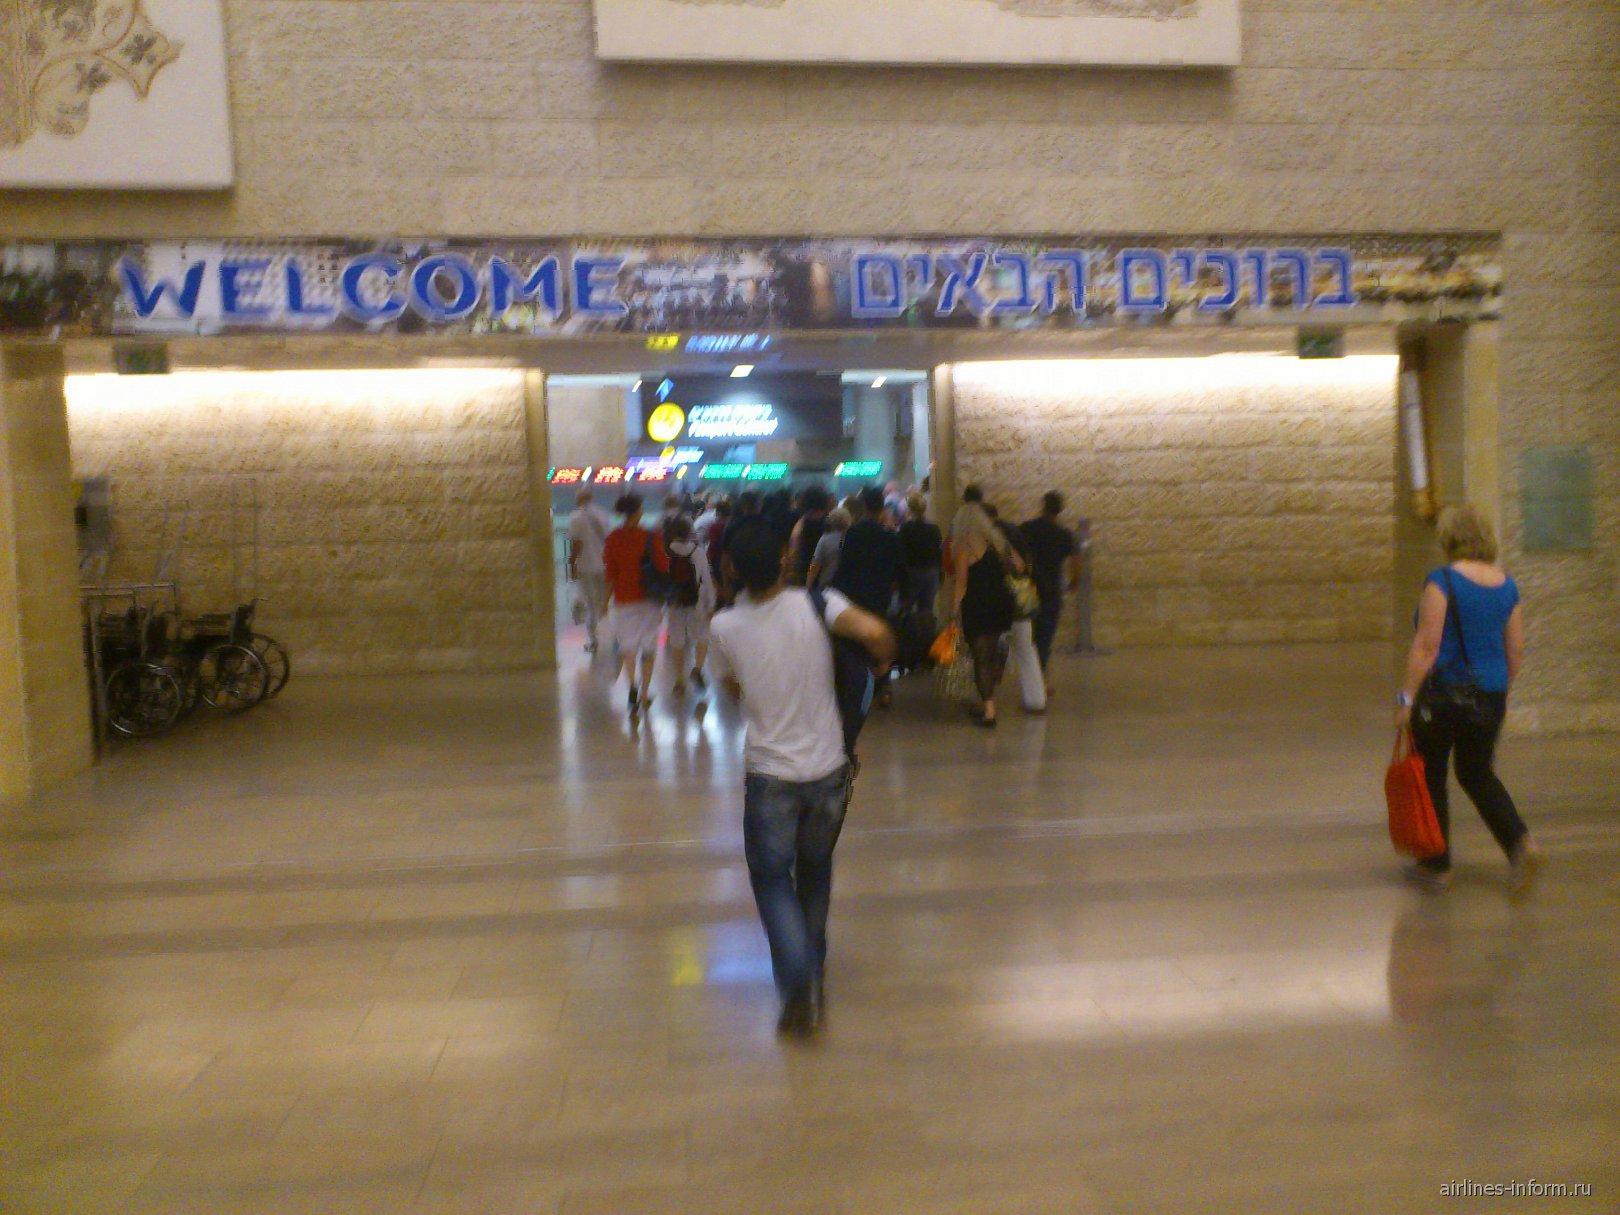 В аэропорту Бен-Гуреон Тель-Авива